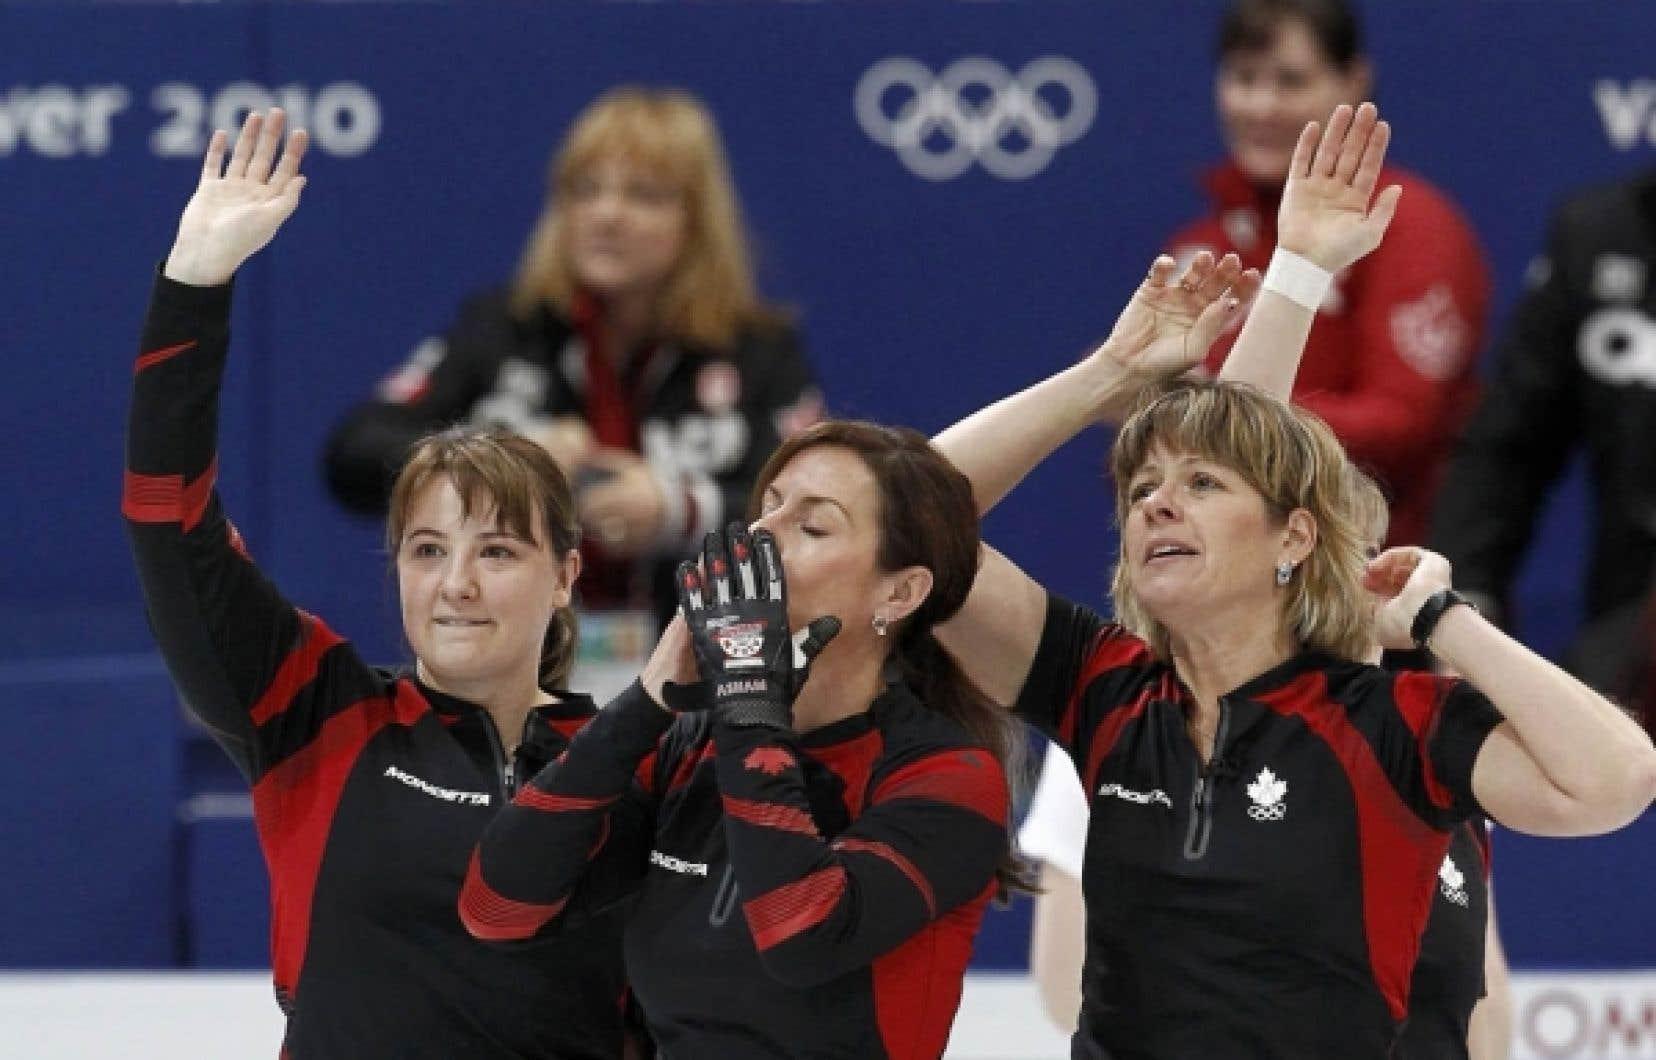 Les joueuses canadiennes Susan O'Connor (à gauche), Cheryl Bernard (au centre) et Carolyn Darbyshire